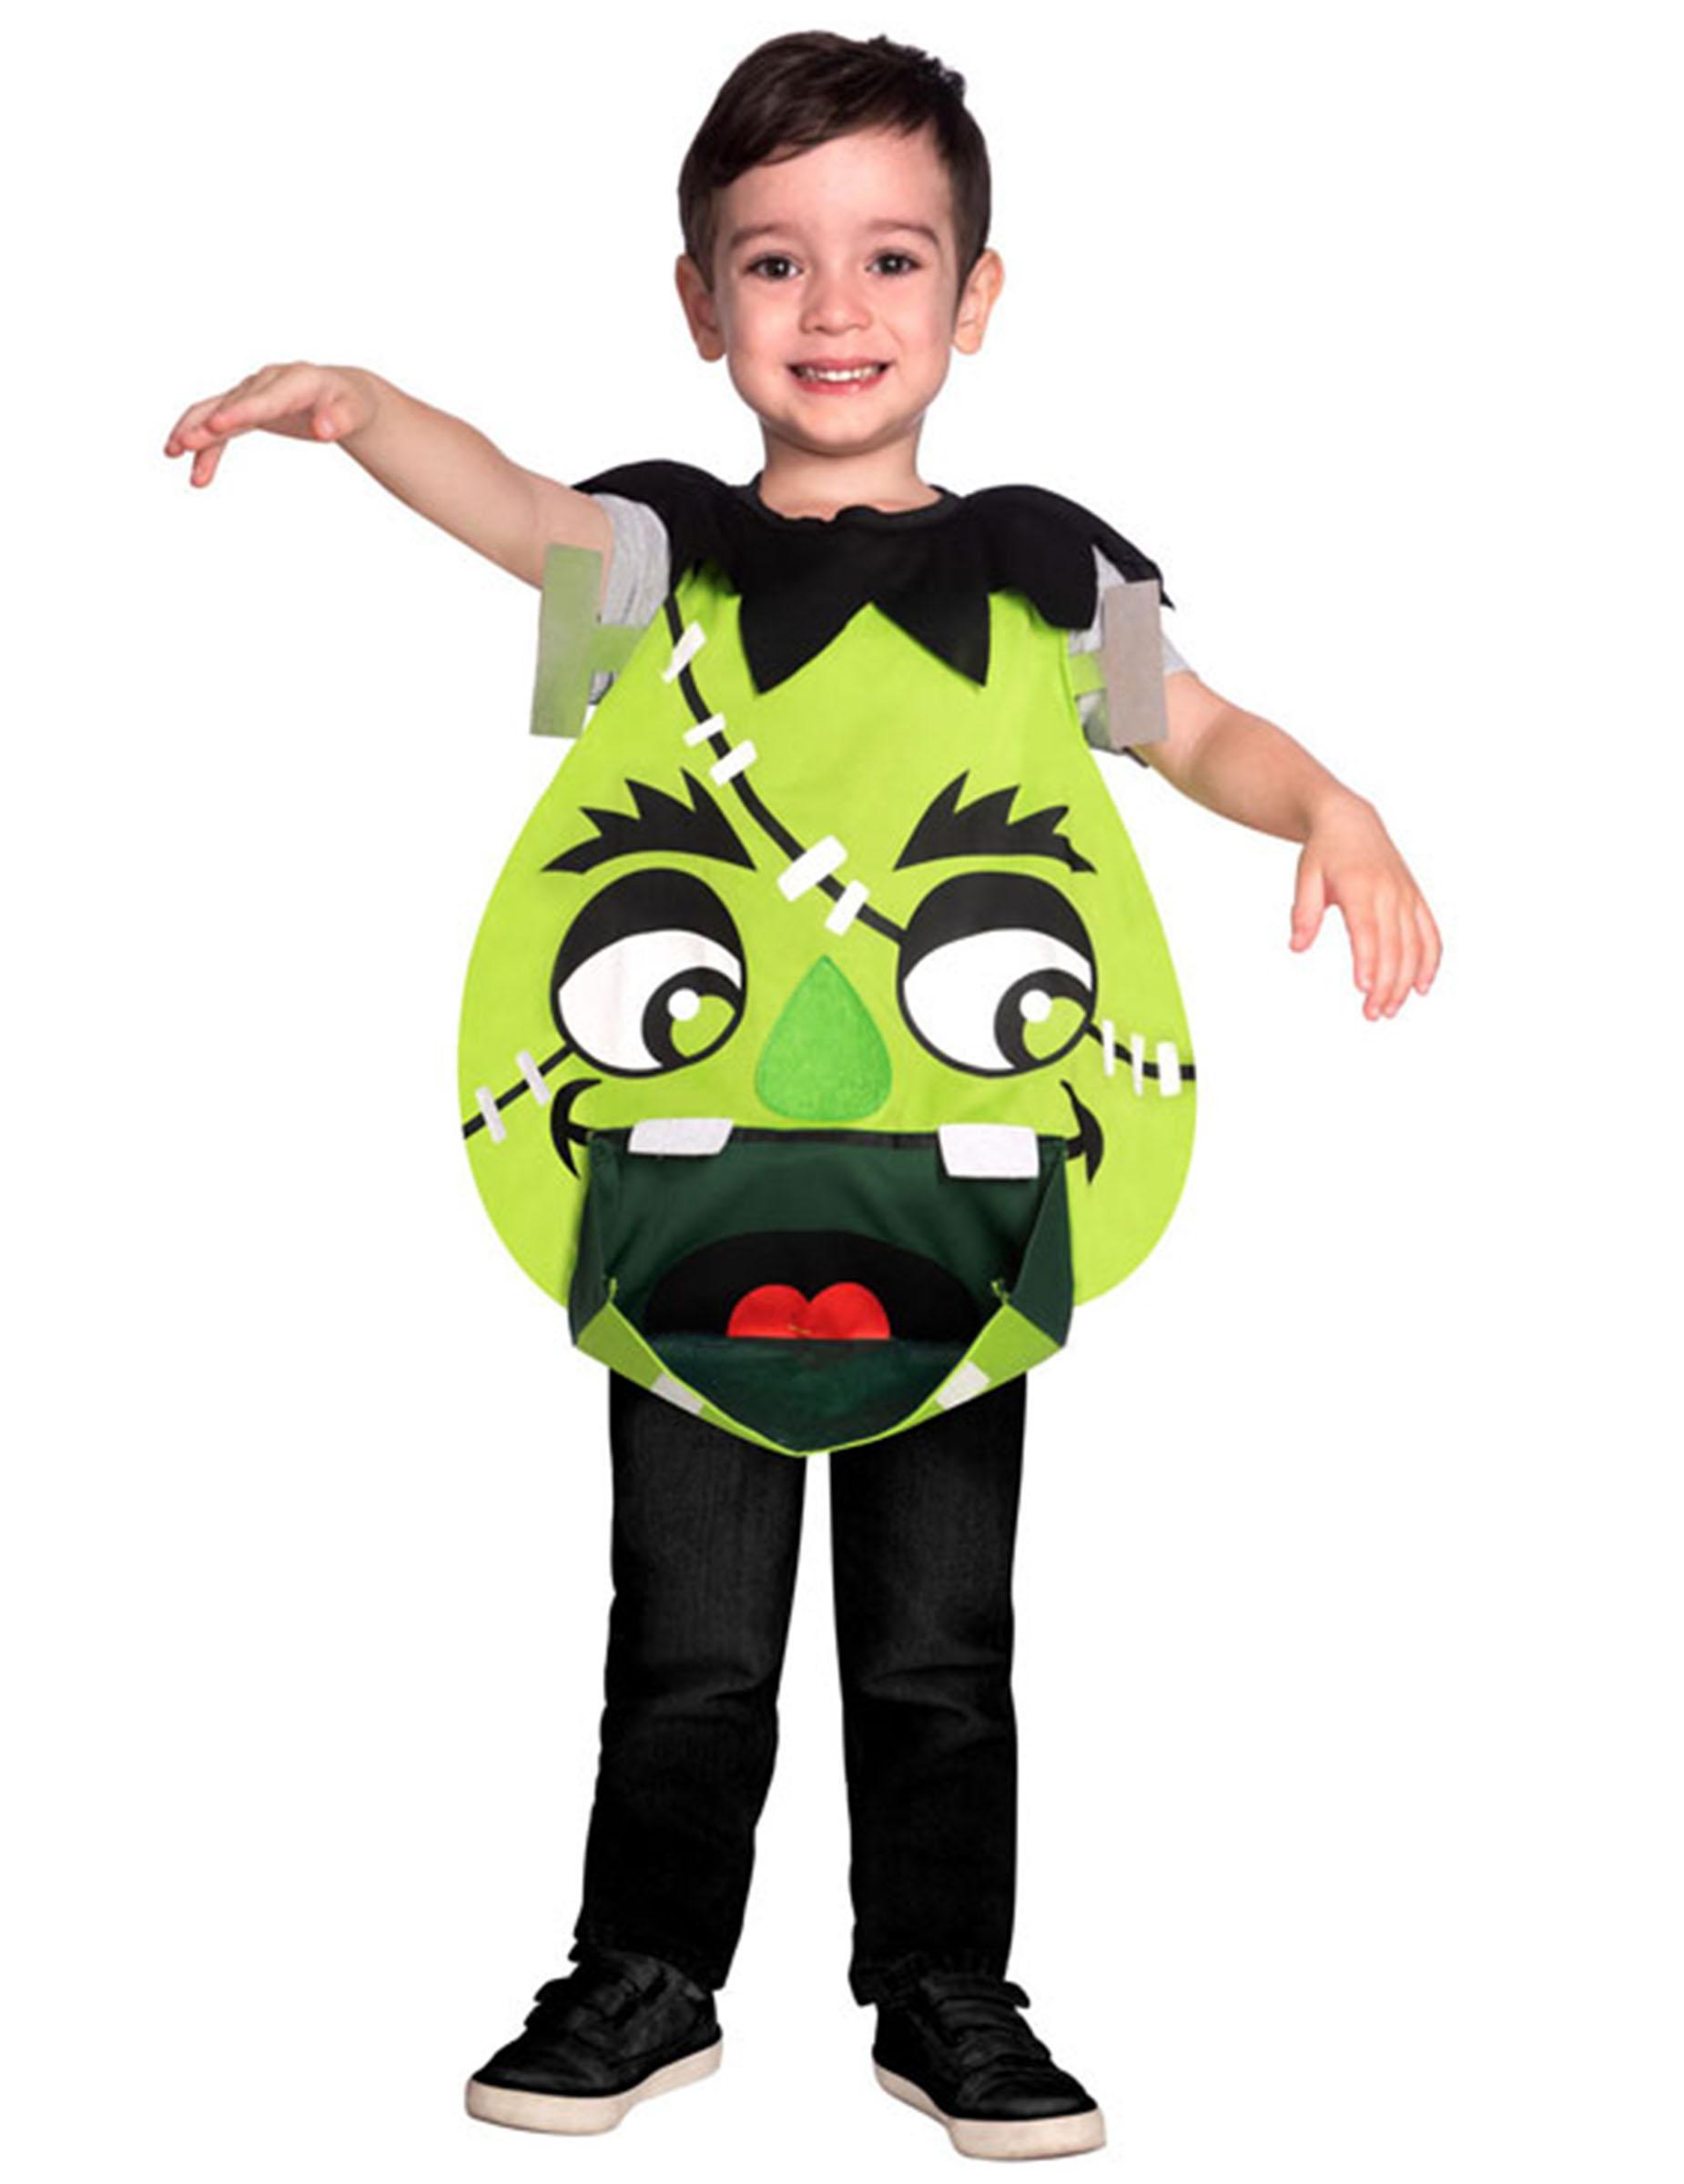 Monster Kostuem Fuer Jungen.Niedliche Monster Tunika Fur Kinder Halloween Kostum Grun Gunstige Halloween Kostume Bei Horrorklinik